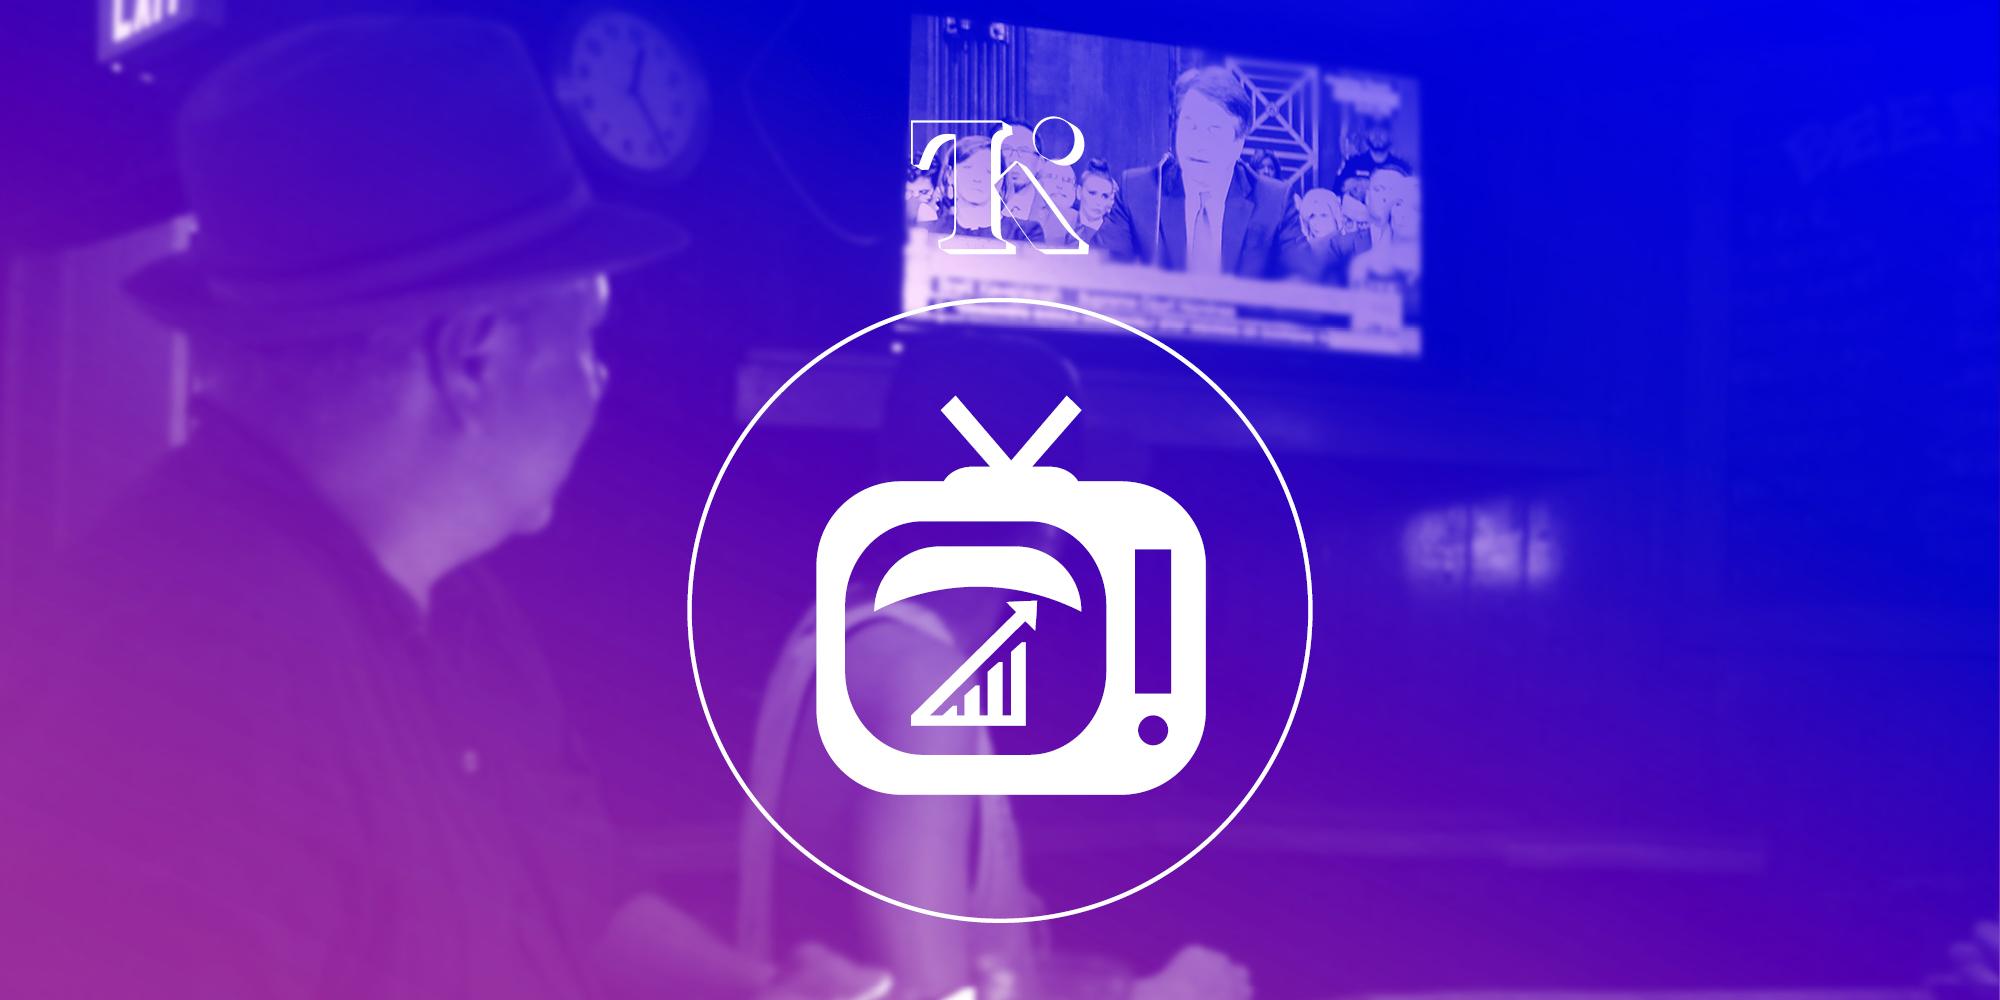 Дистрибуция каналов четырех ведущих телегрупп в 2019 вырастет до 10,5 гривны. ОБНОВЛЕНО